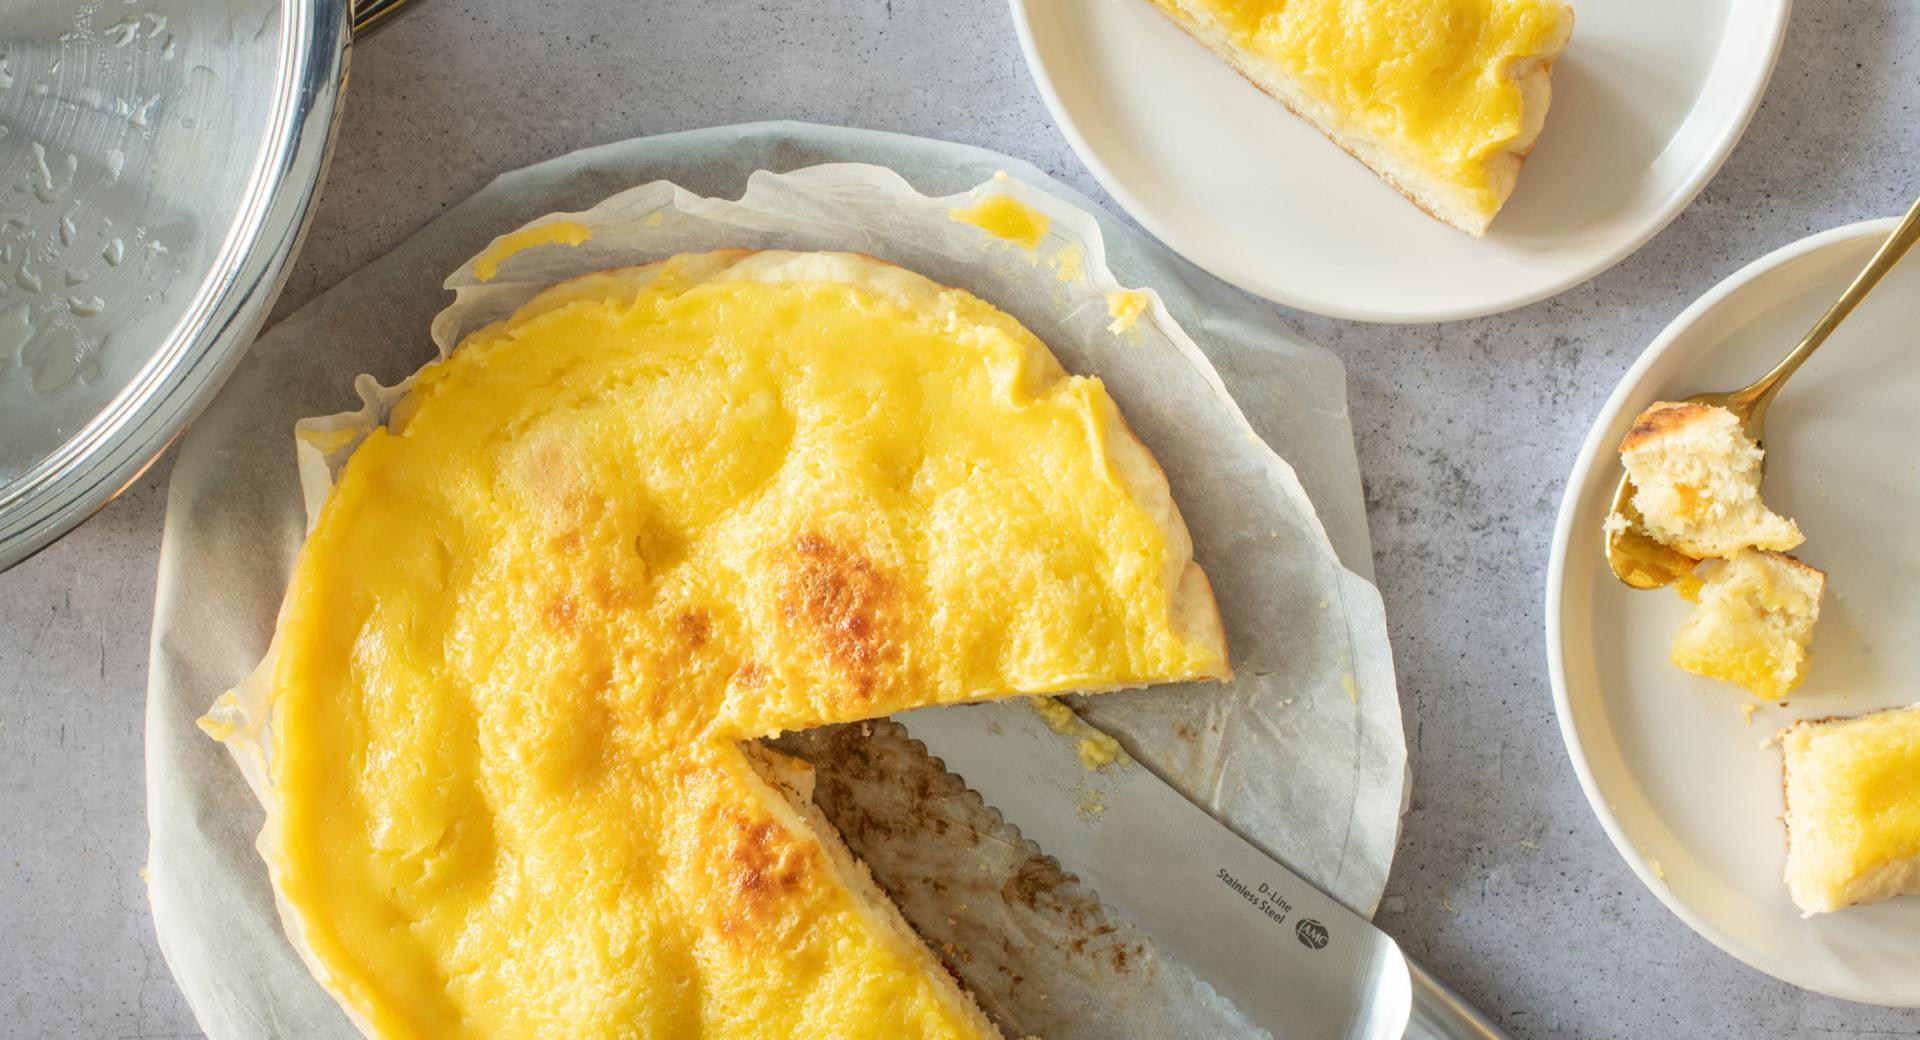 Torta alla panna di Murten (torta lievitata con glassa alla panna)